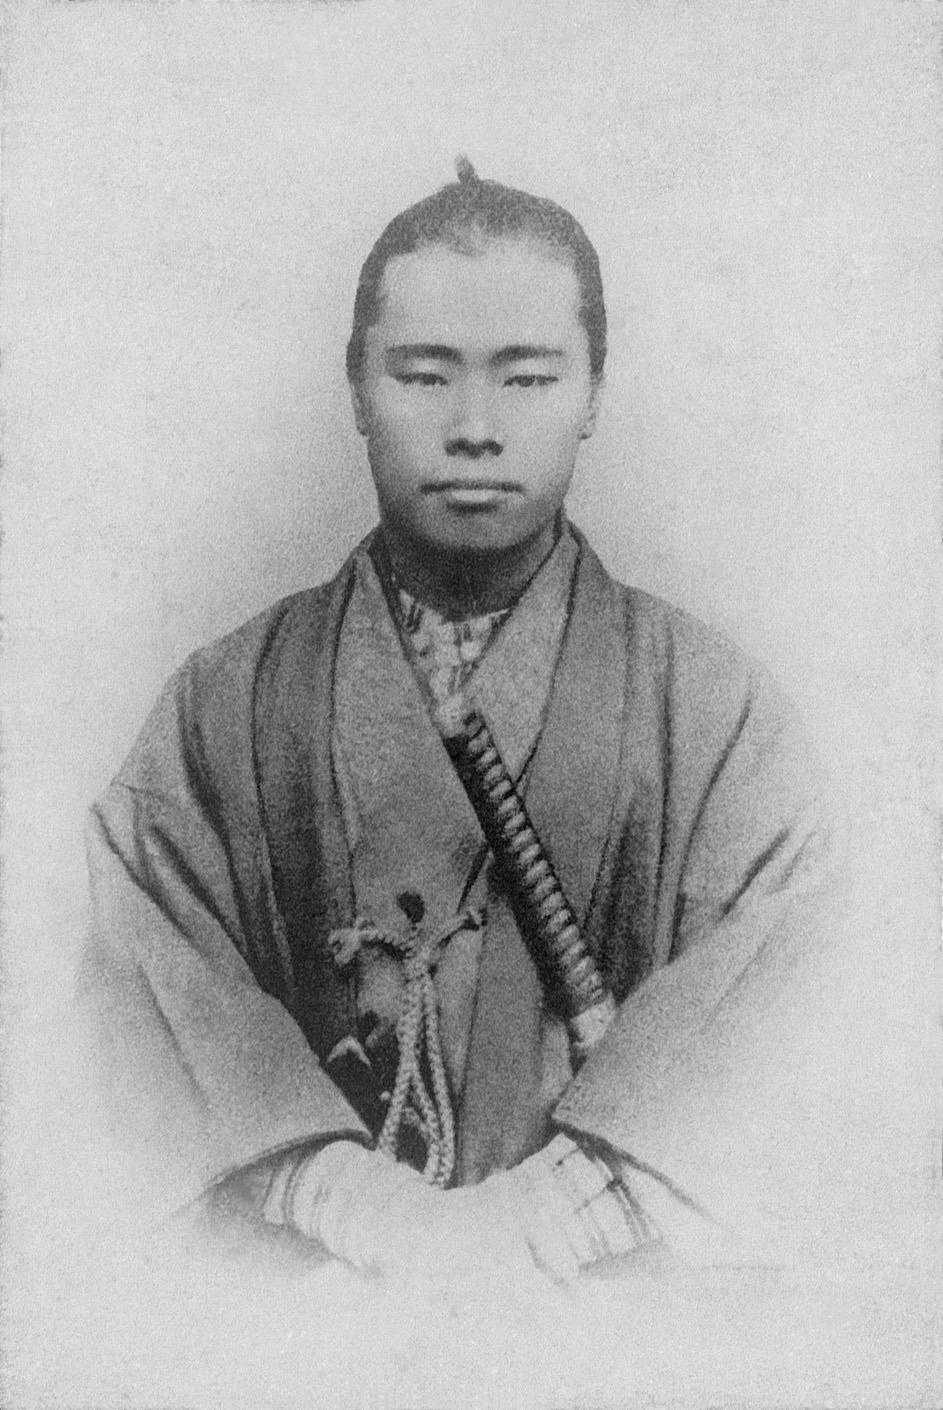 武士装束の平野富二。明治4年市場調査に上京した折りに撮影したとみられる。推定24歳ころ。